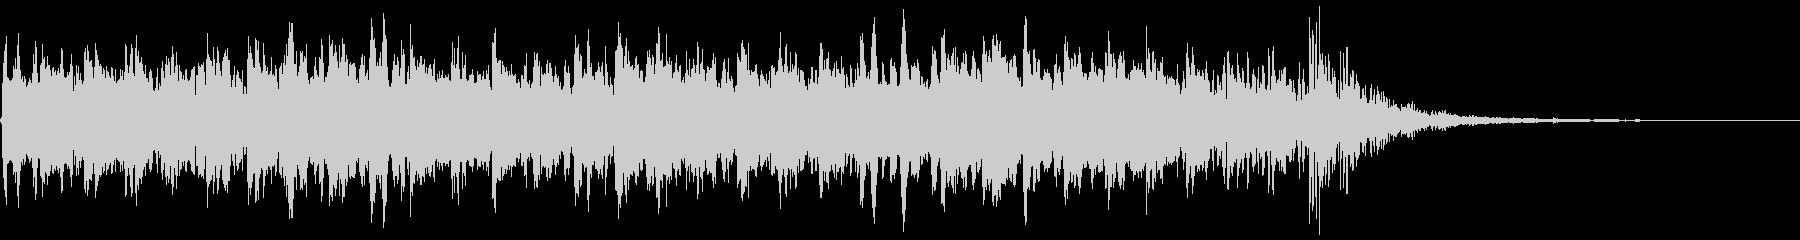 強拍にベル、16分音符をグロッケンを使…の未再生の波形